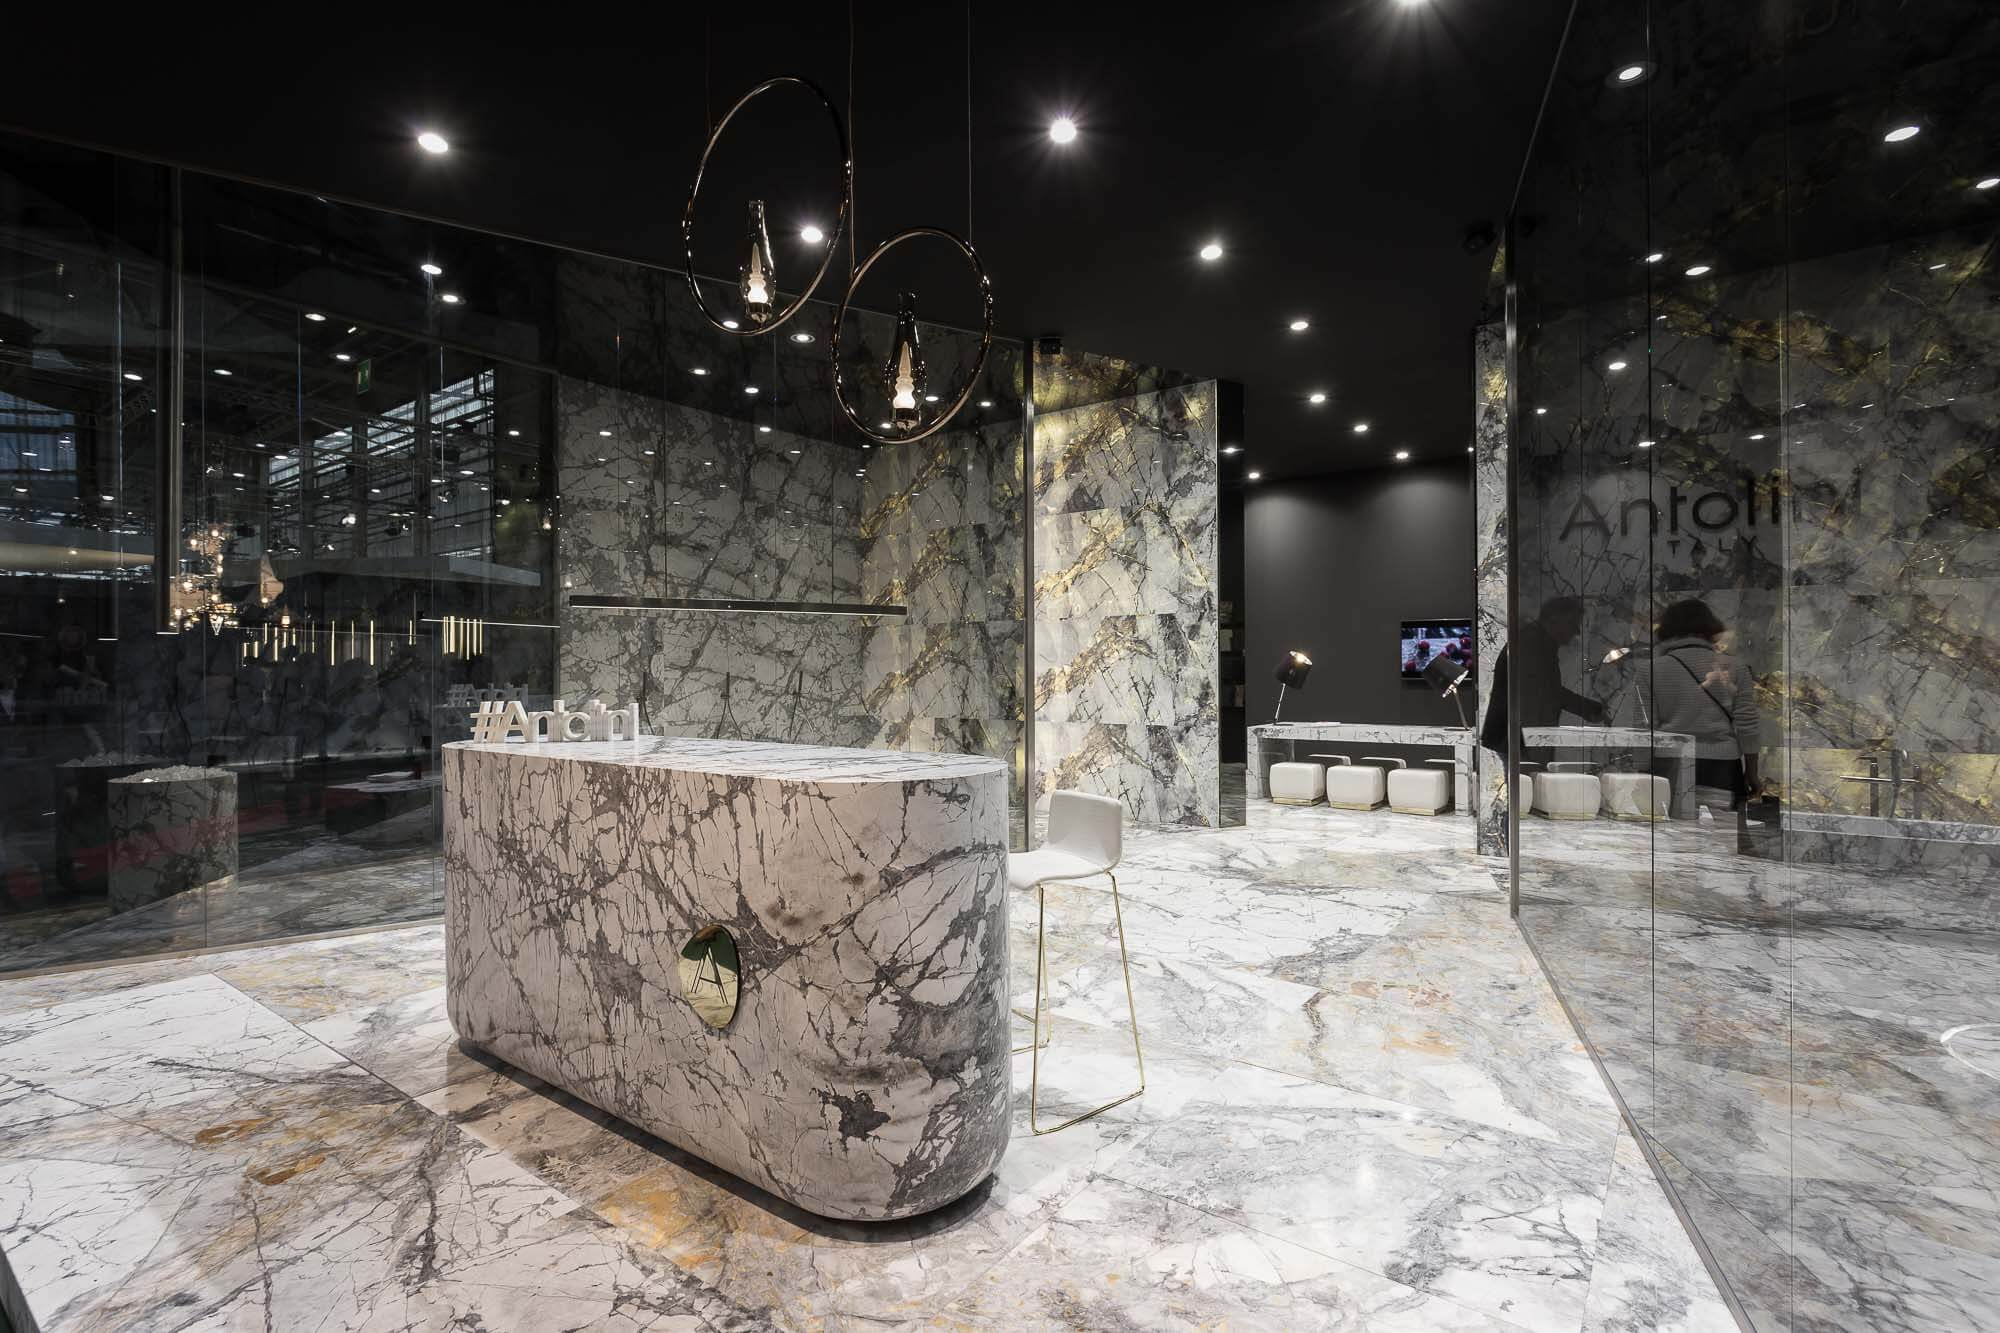 Taktile Raffinesse mit einem Wellness-Akzent: Antolini Naturstein präsentiert auf der Maison & Objet 2018